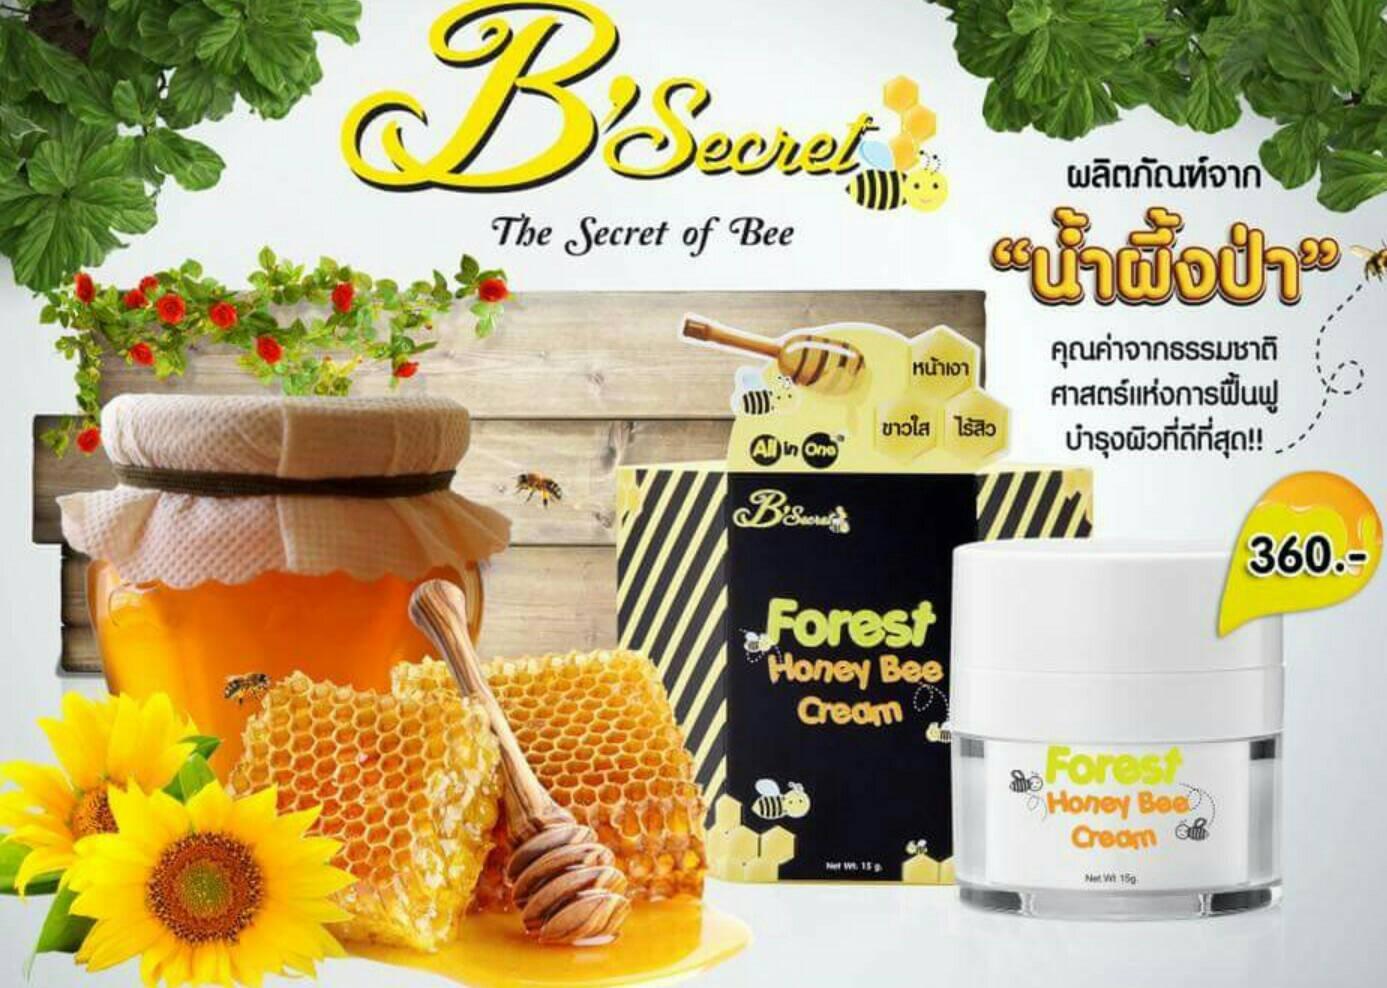 สารสกัดจากน้ำผึ้งป่า